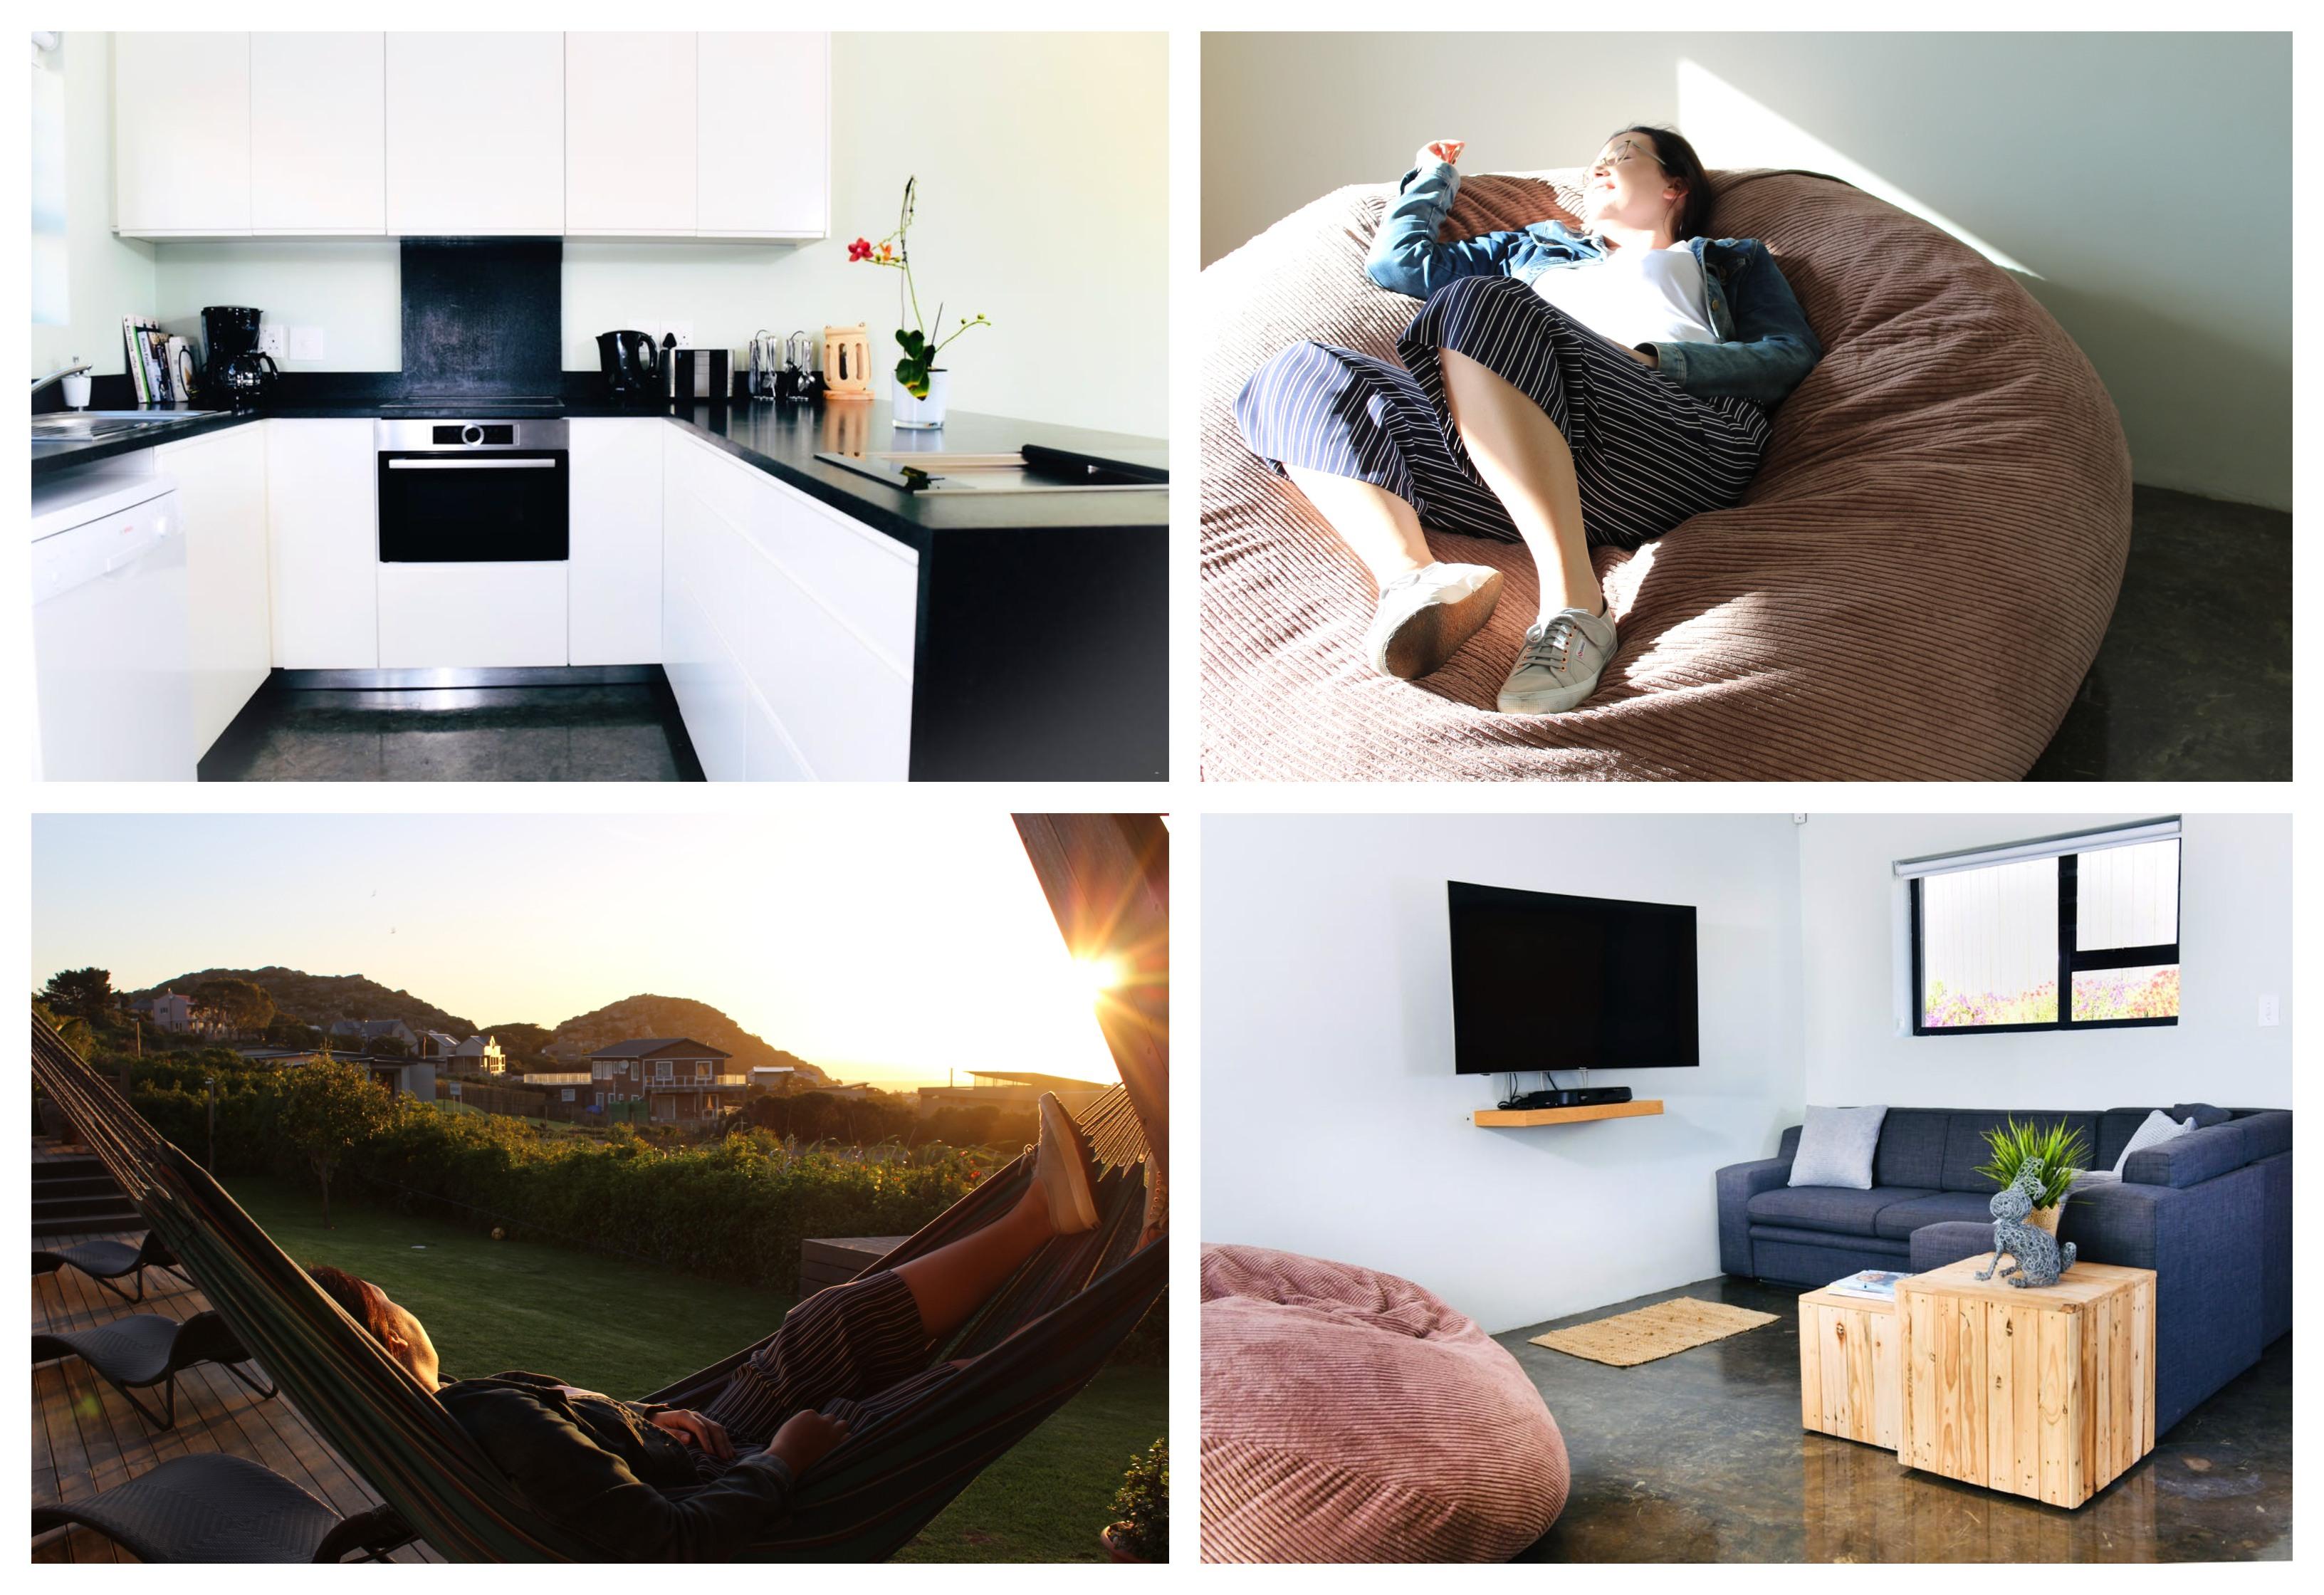 Nadat jy kos gemaak het in die ontwerperskombuis, kan jy op die pouffe-kussing, voor die TV of in die hangmat ontspan.